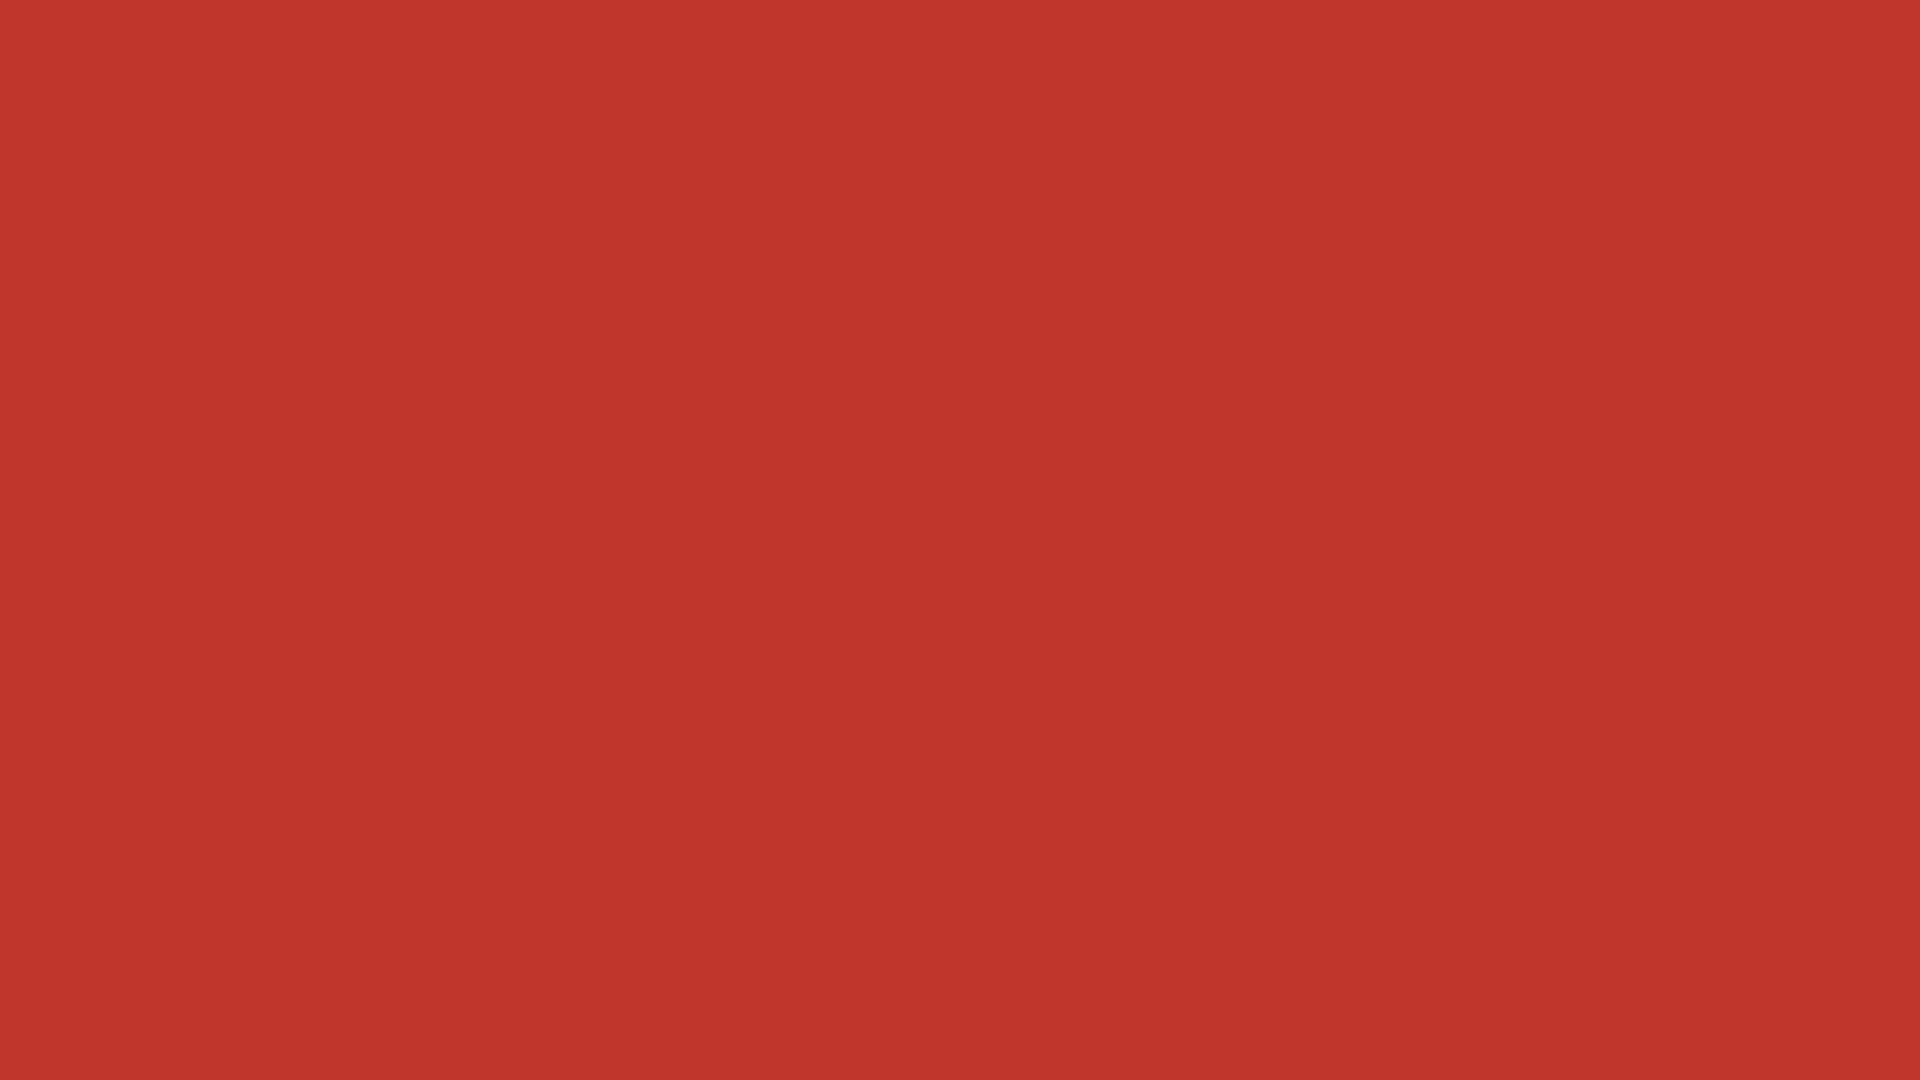 1920x1080 International Orange Golden Gate Bridge Solid Color Background